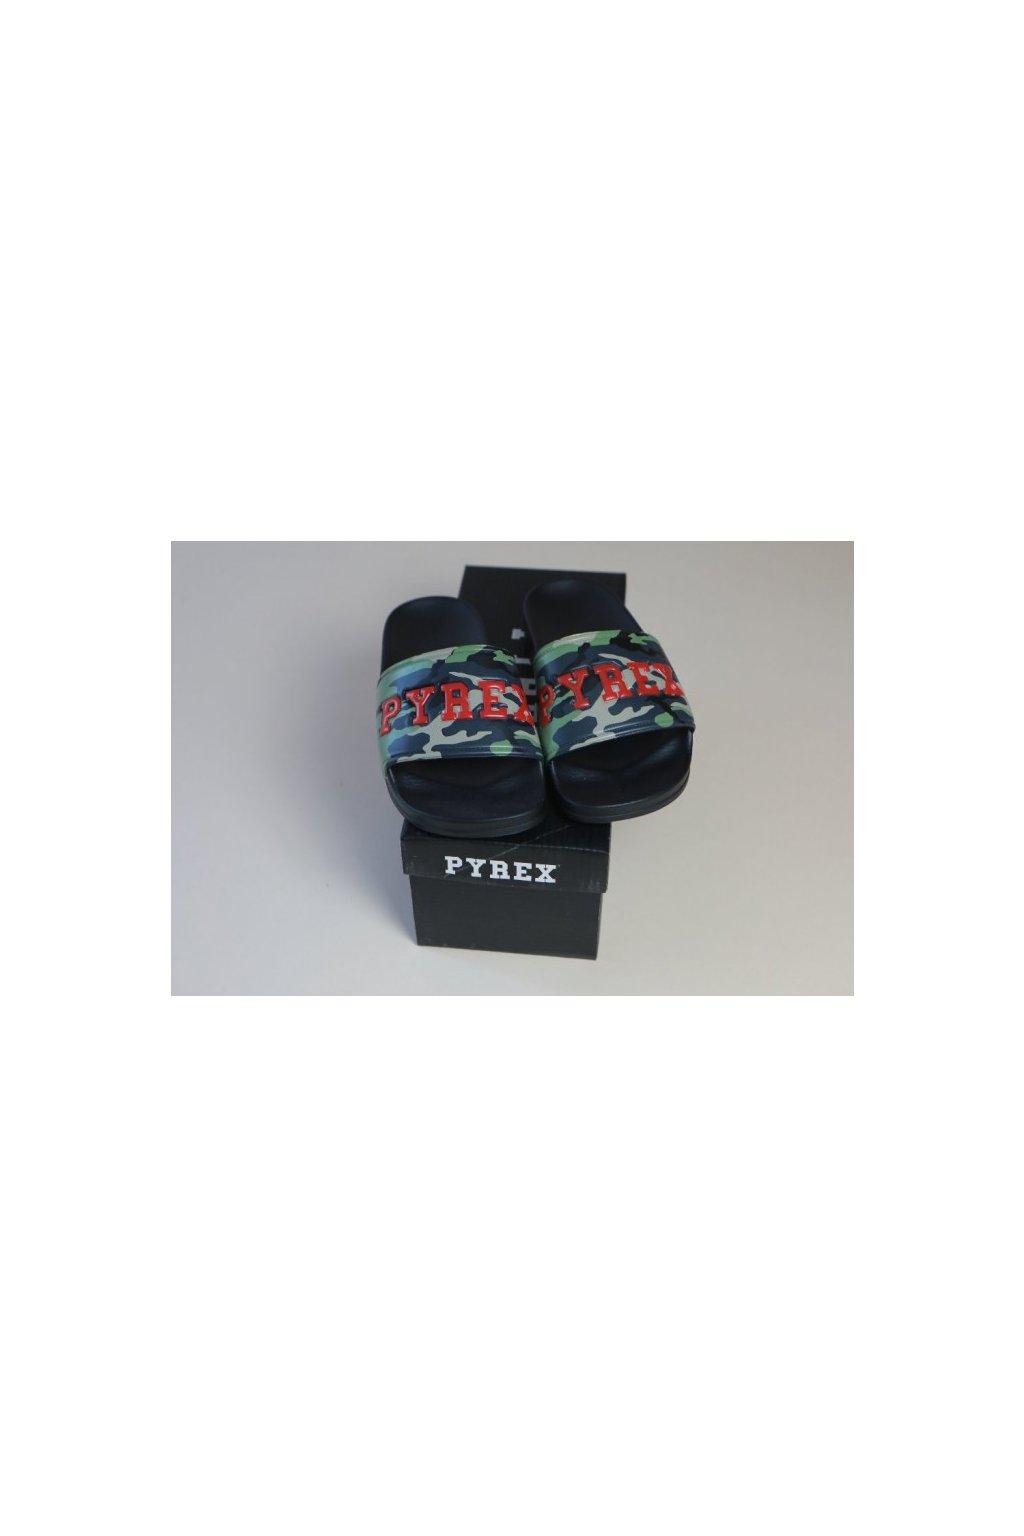 Nazouváky Pyrex - military (Velikost Velikost 38)